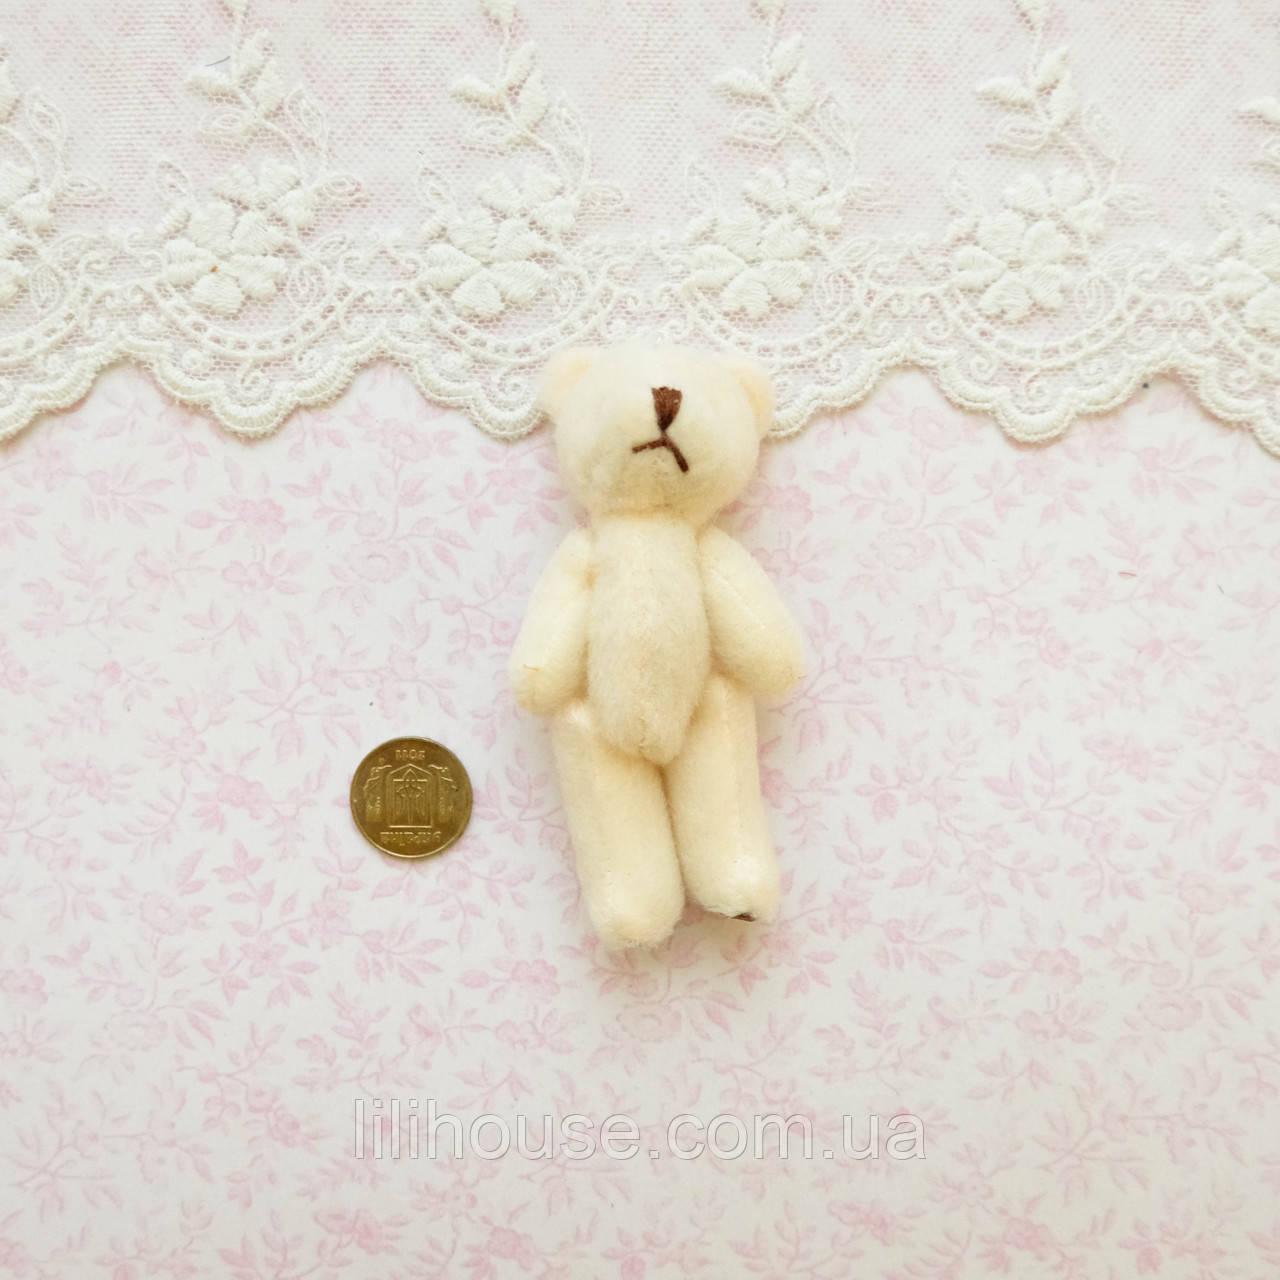 Мягкая Игрушка Медвежонок 8 см МОЛОЧНЫЙ